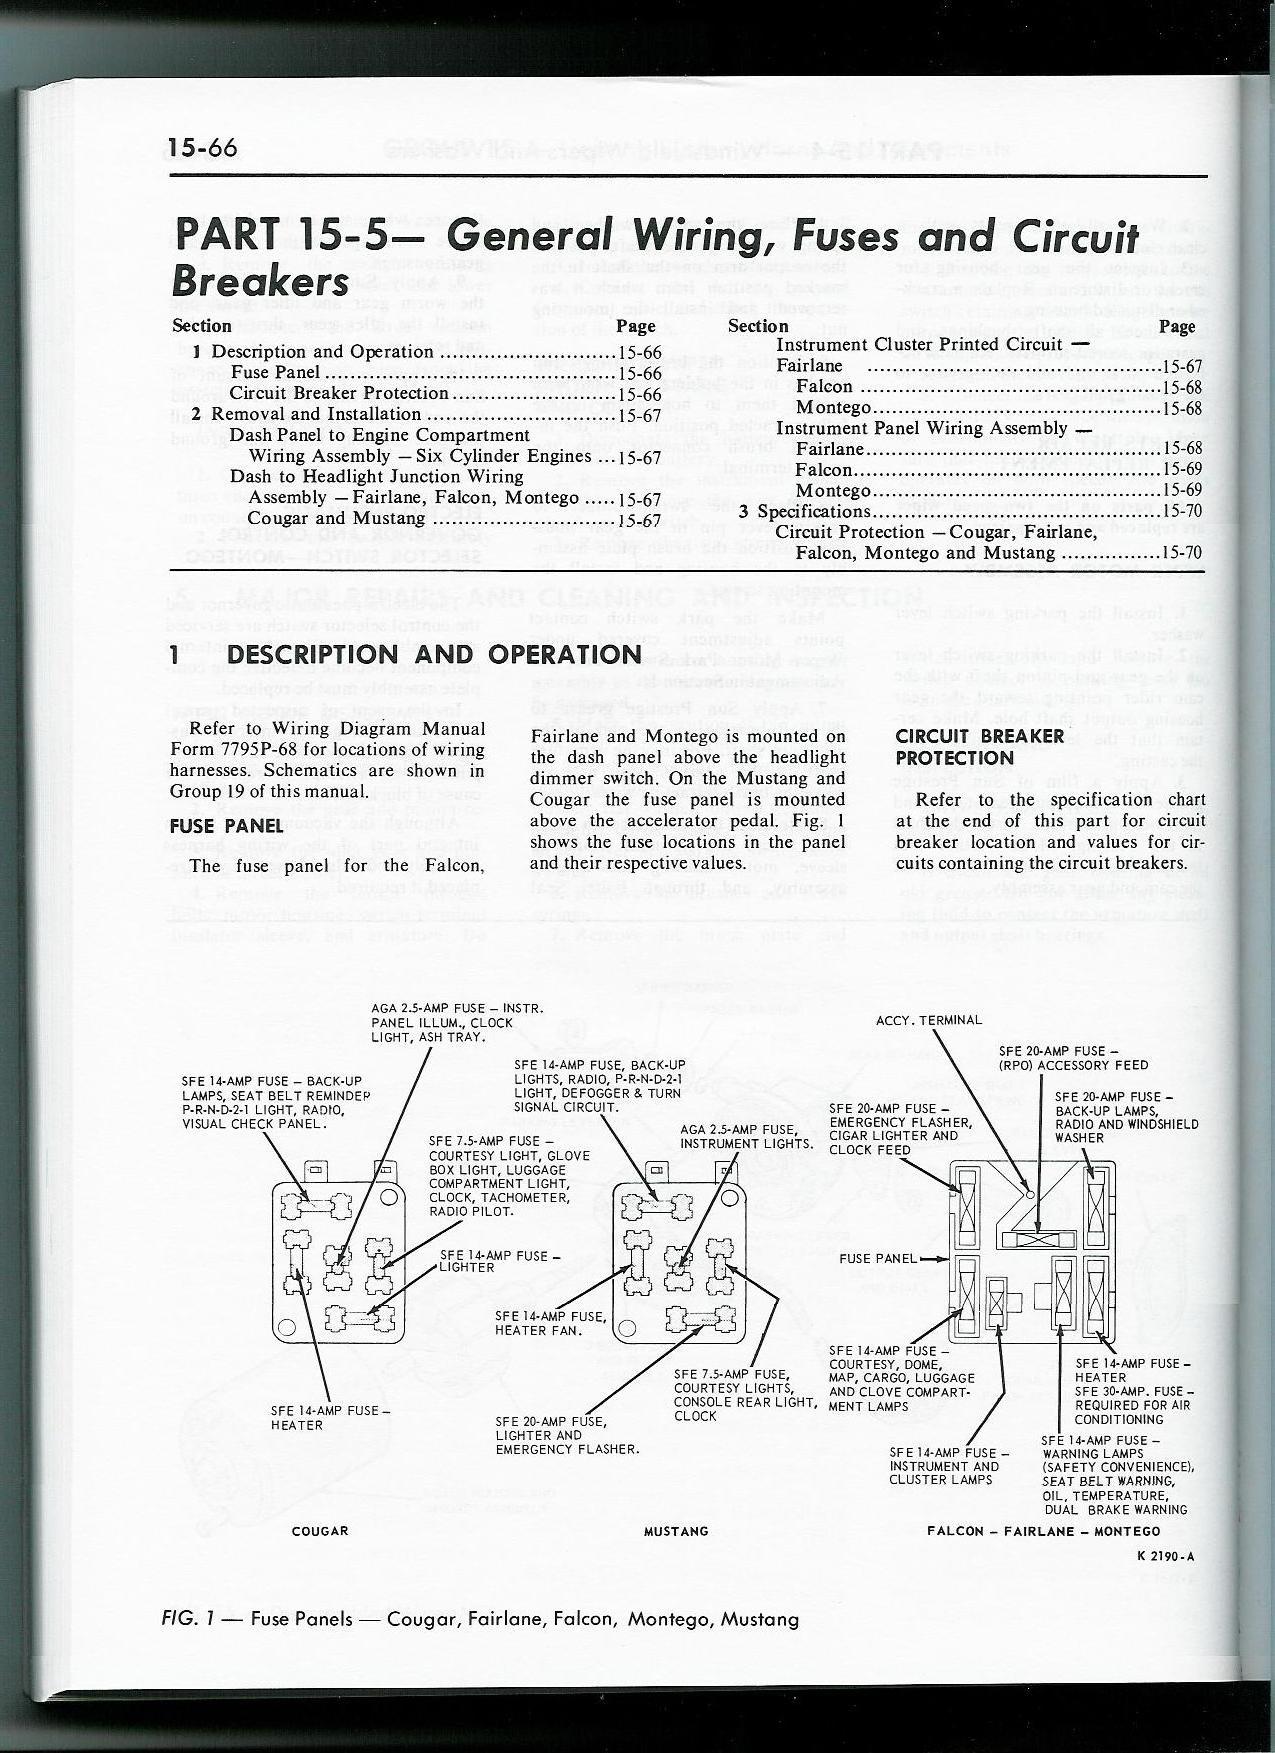 1968 Under-dash Wiring